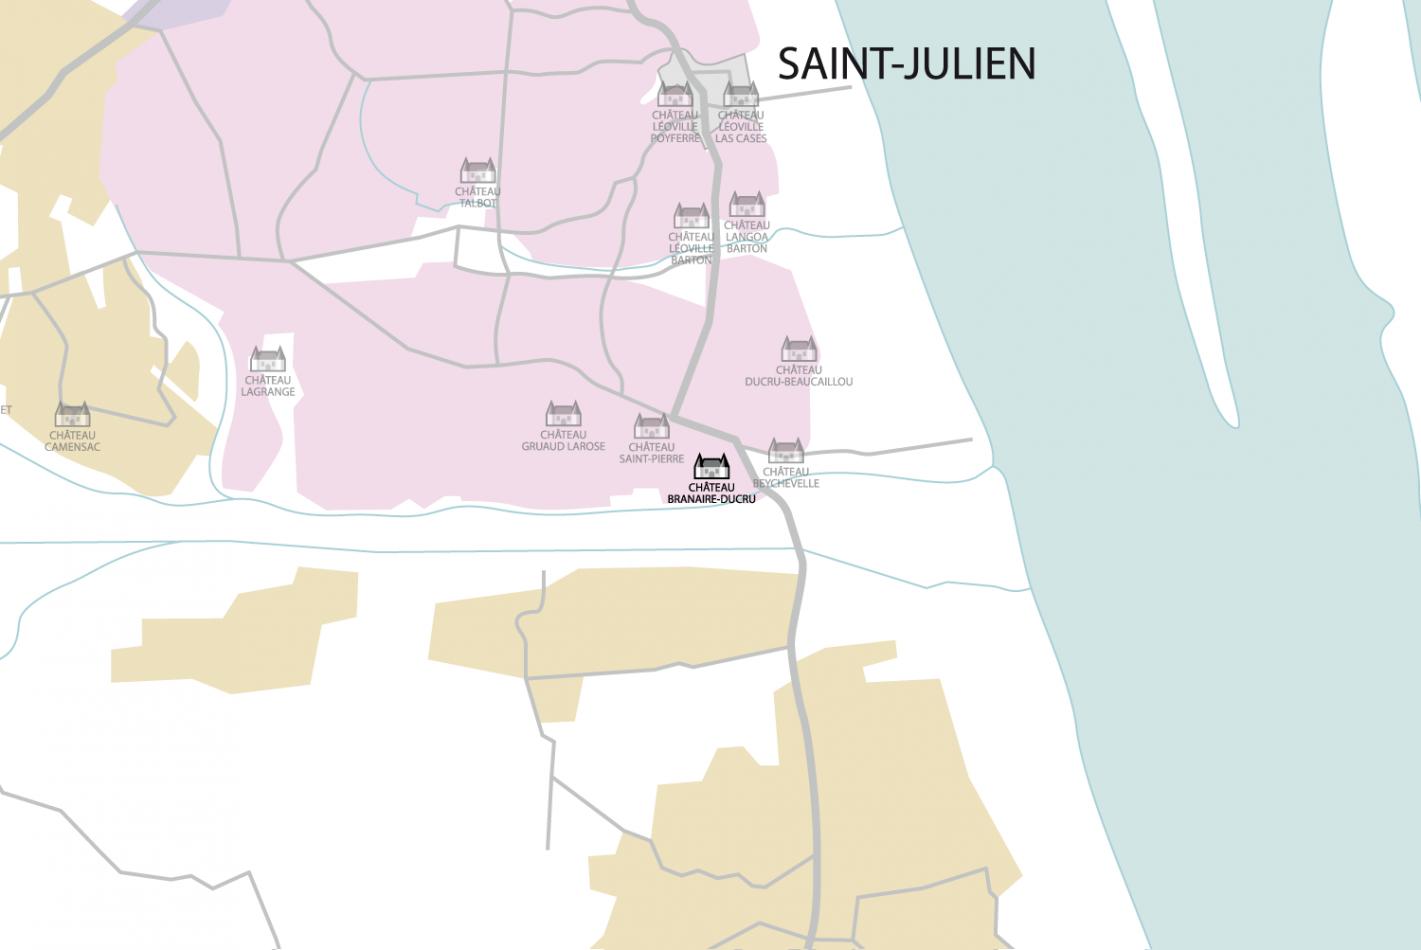 Carte Château Branaire-Ducru